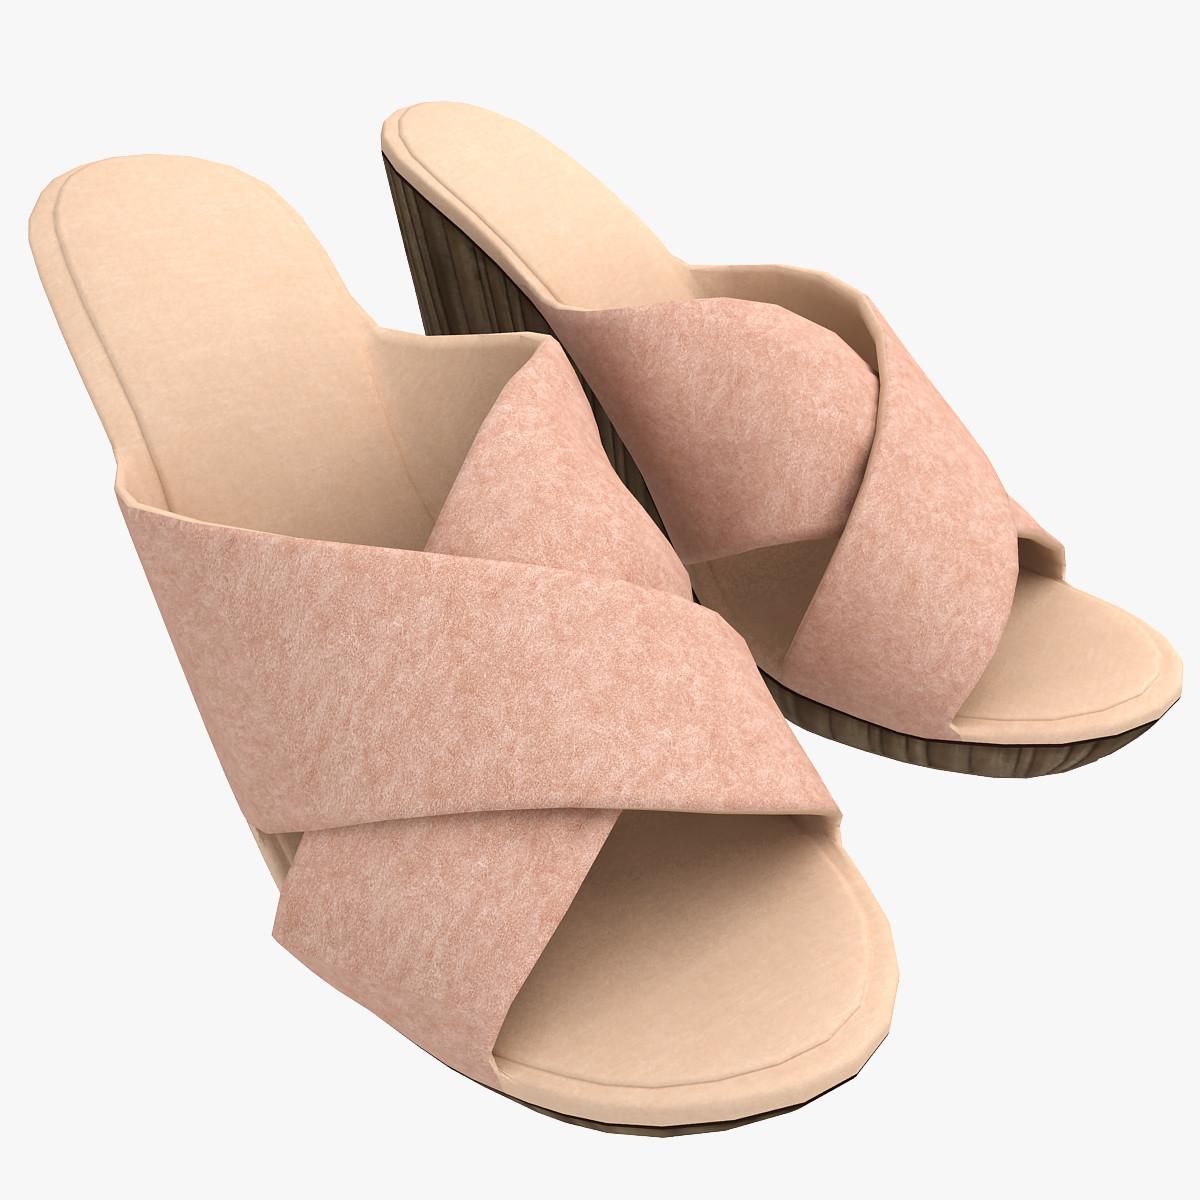 women_slippers_render_00.jpg